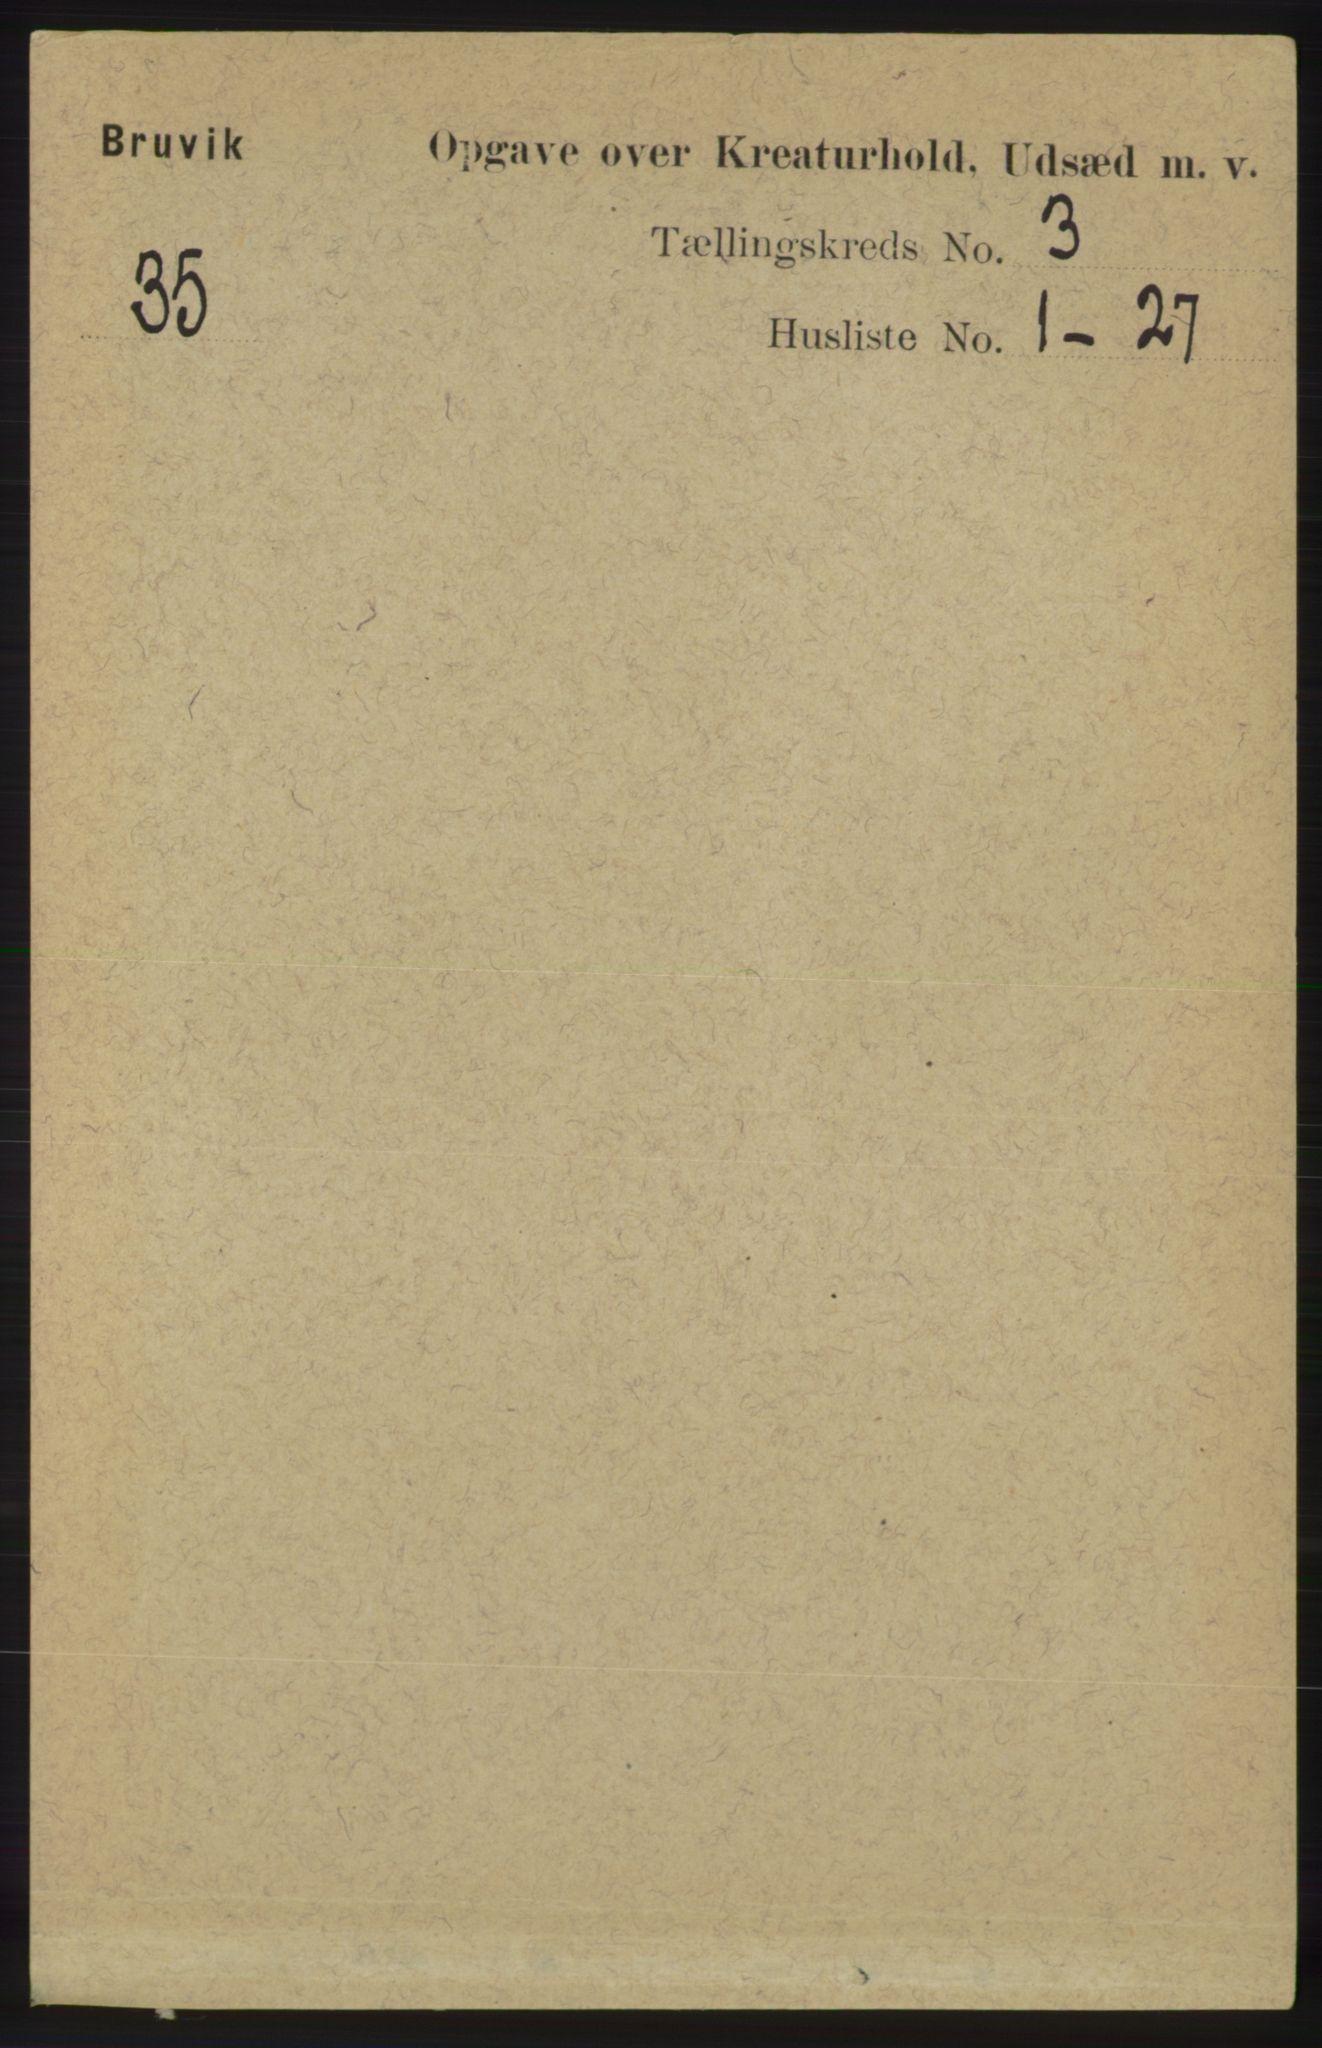 RA, Folketelling 1891 for 1251 Bruvik herred, 1891, s. 4338